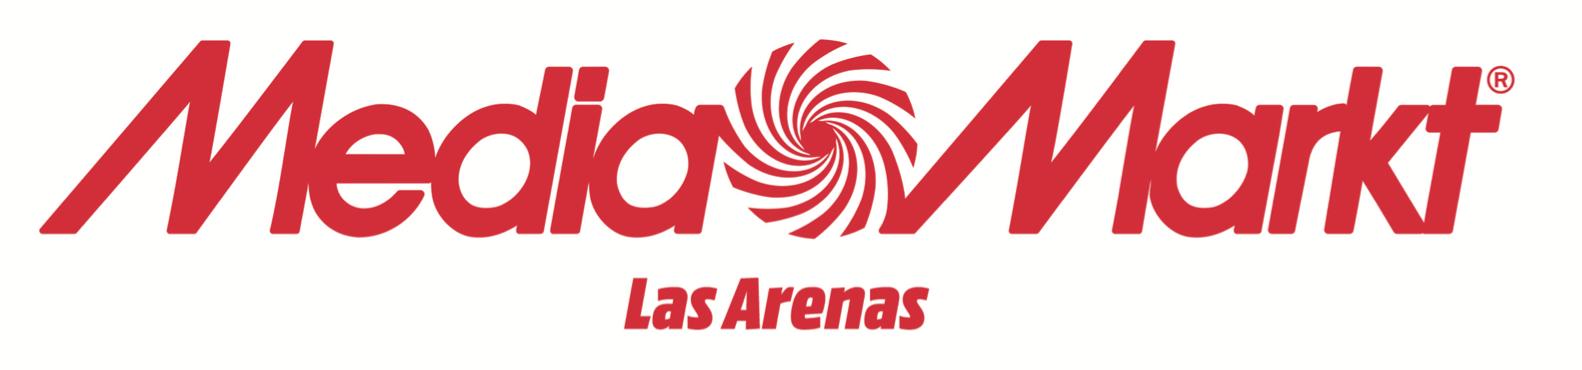 101Racing instalador oficial caraudio Media Markt Las Arenas